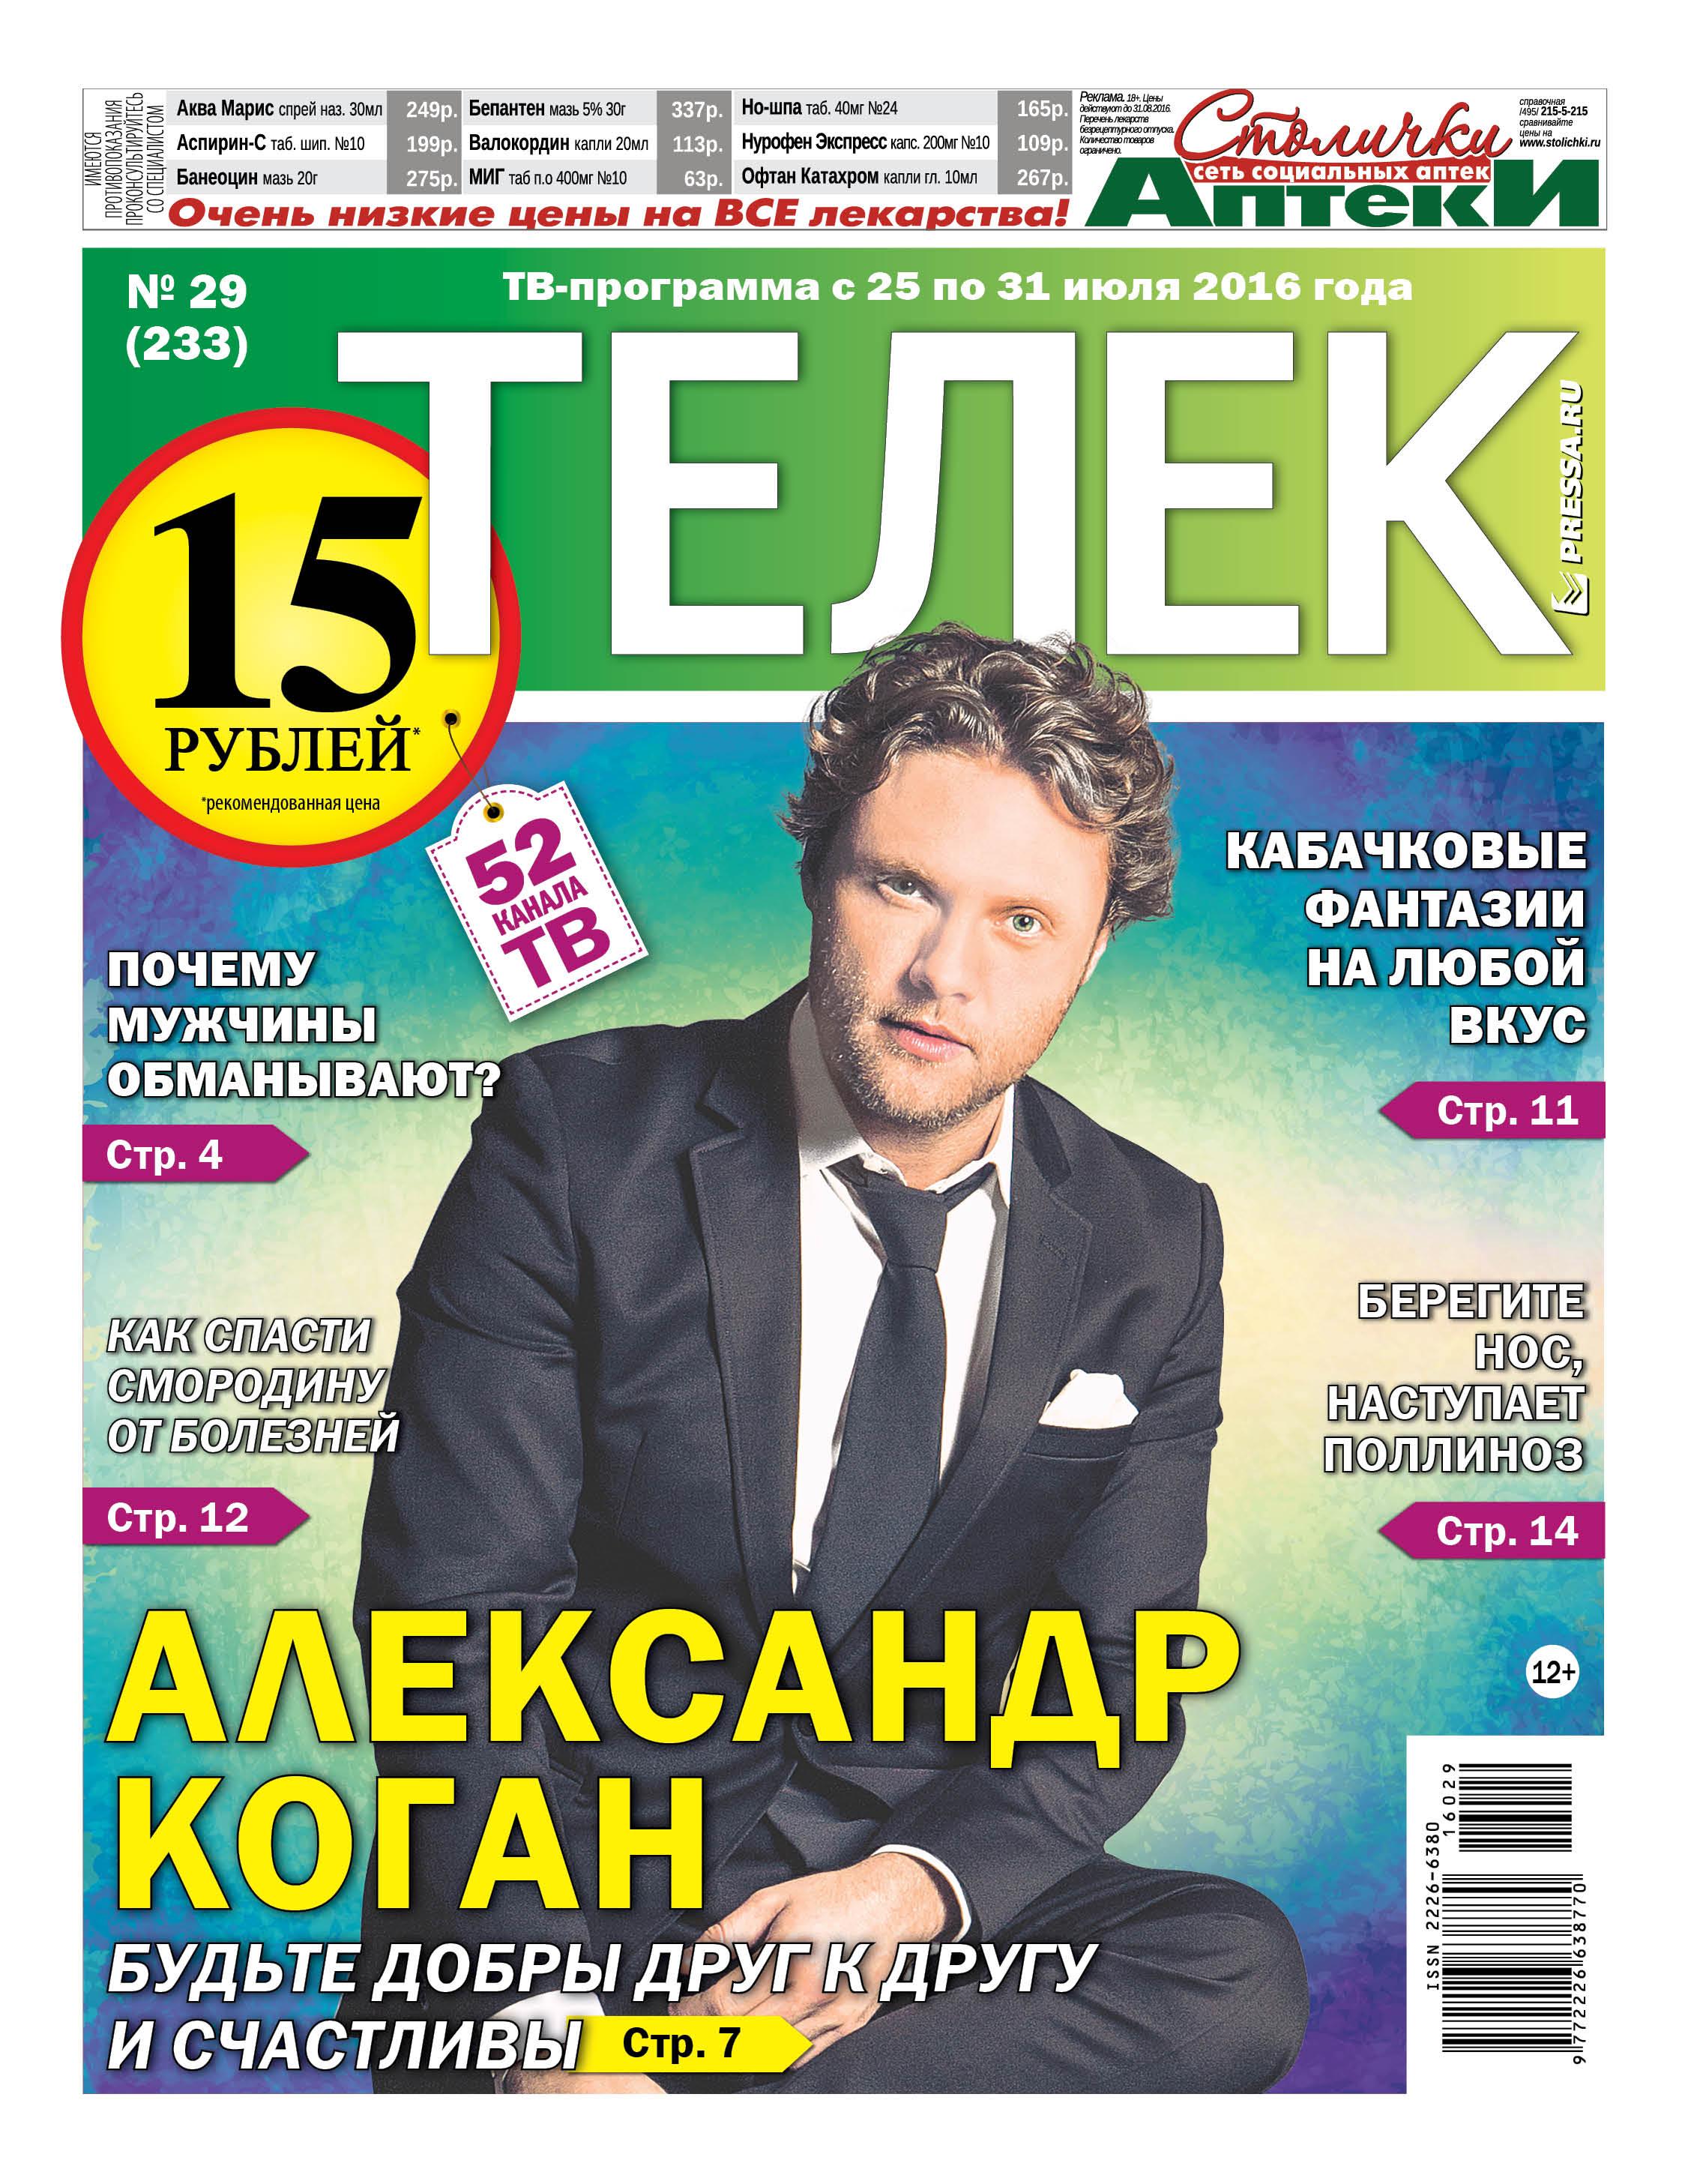 №29 (233) Александр Коган